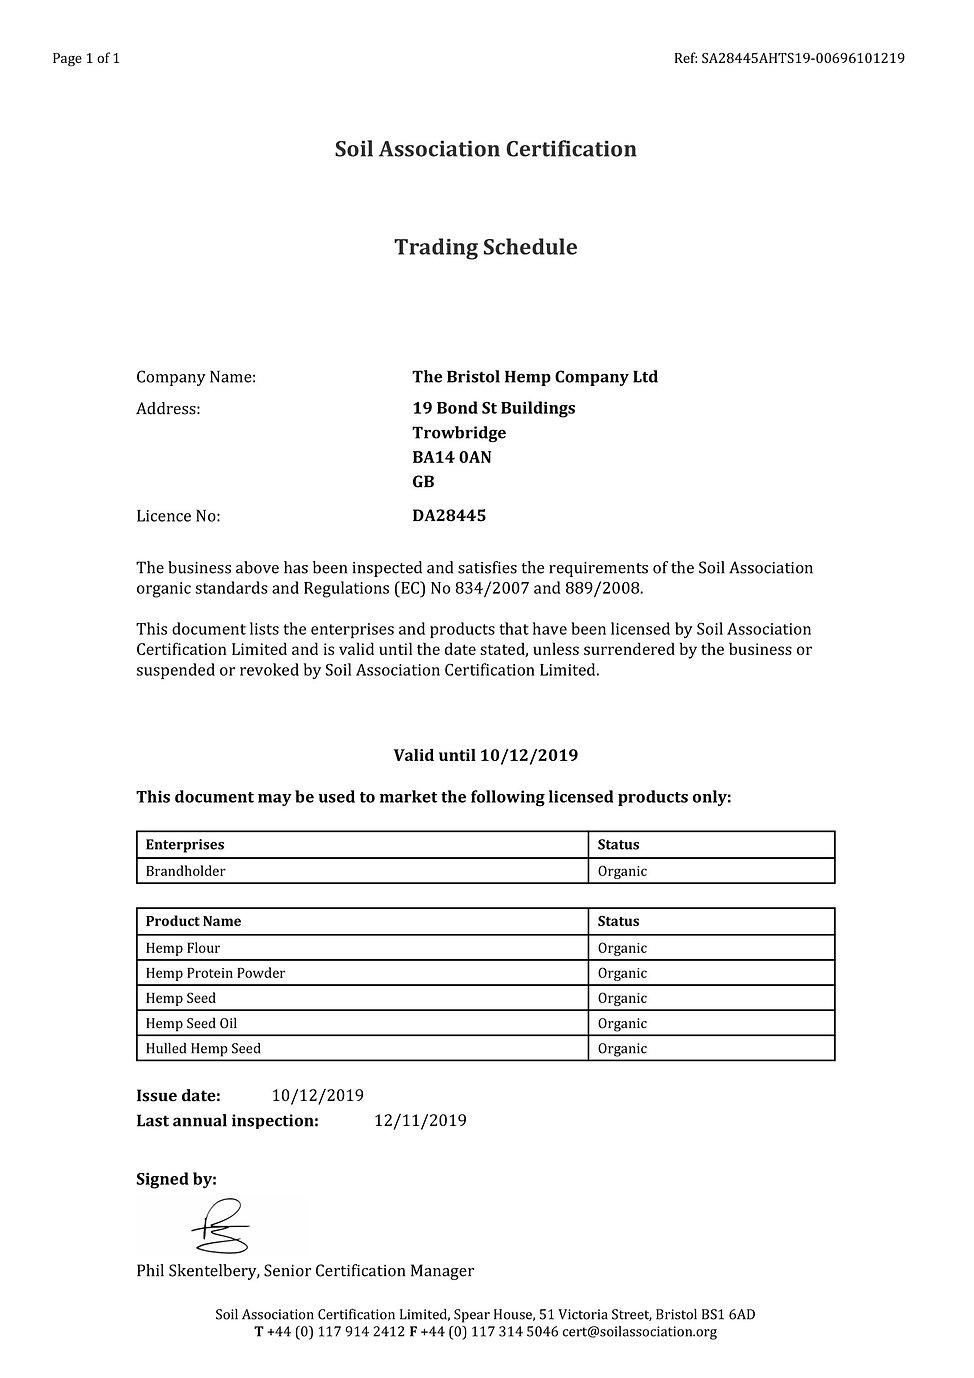 SaCert_TradingSchedule_EN_SA28445_TS19-0